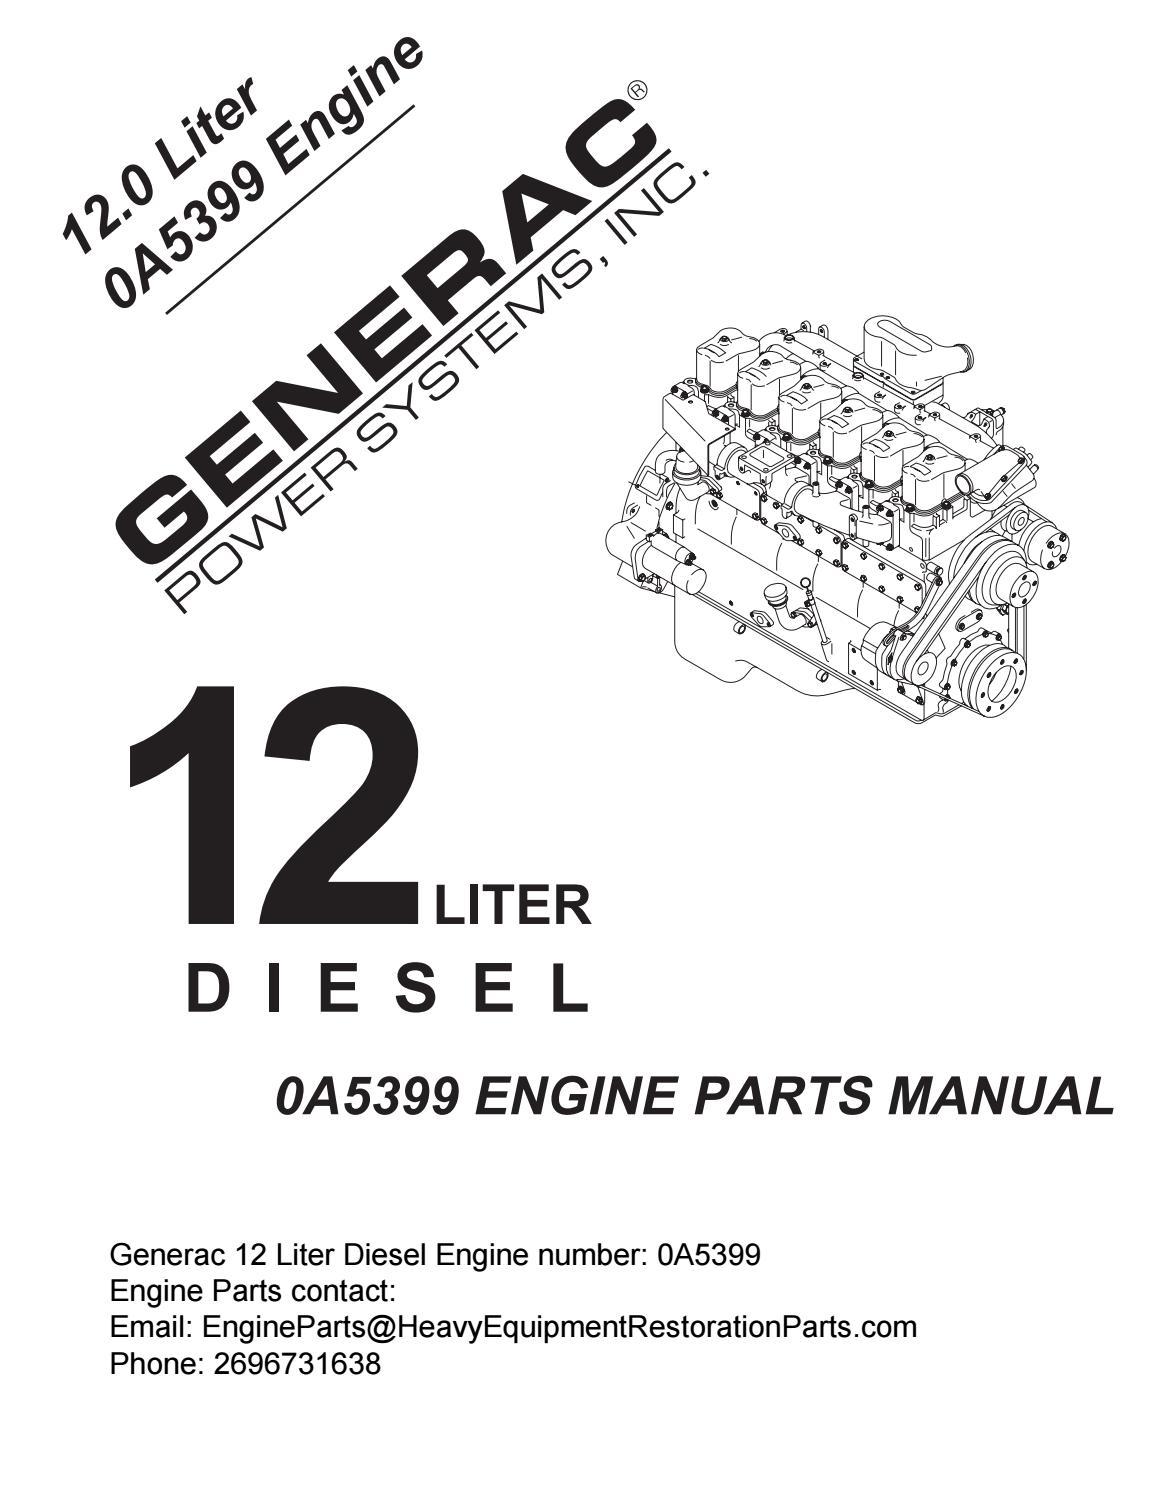 Generac 0A5399 12 Liter Diesel Generator Engine Parts